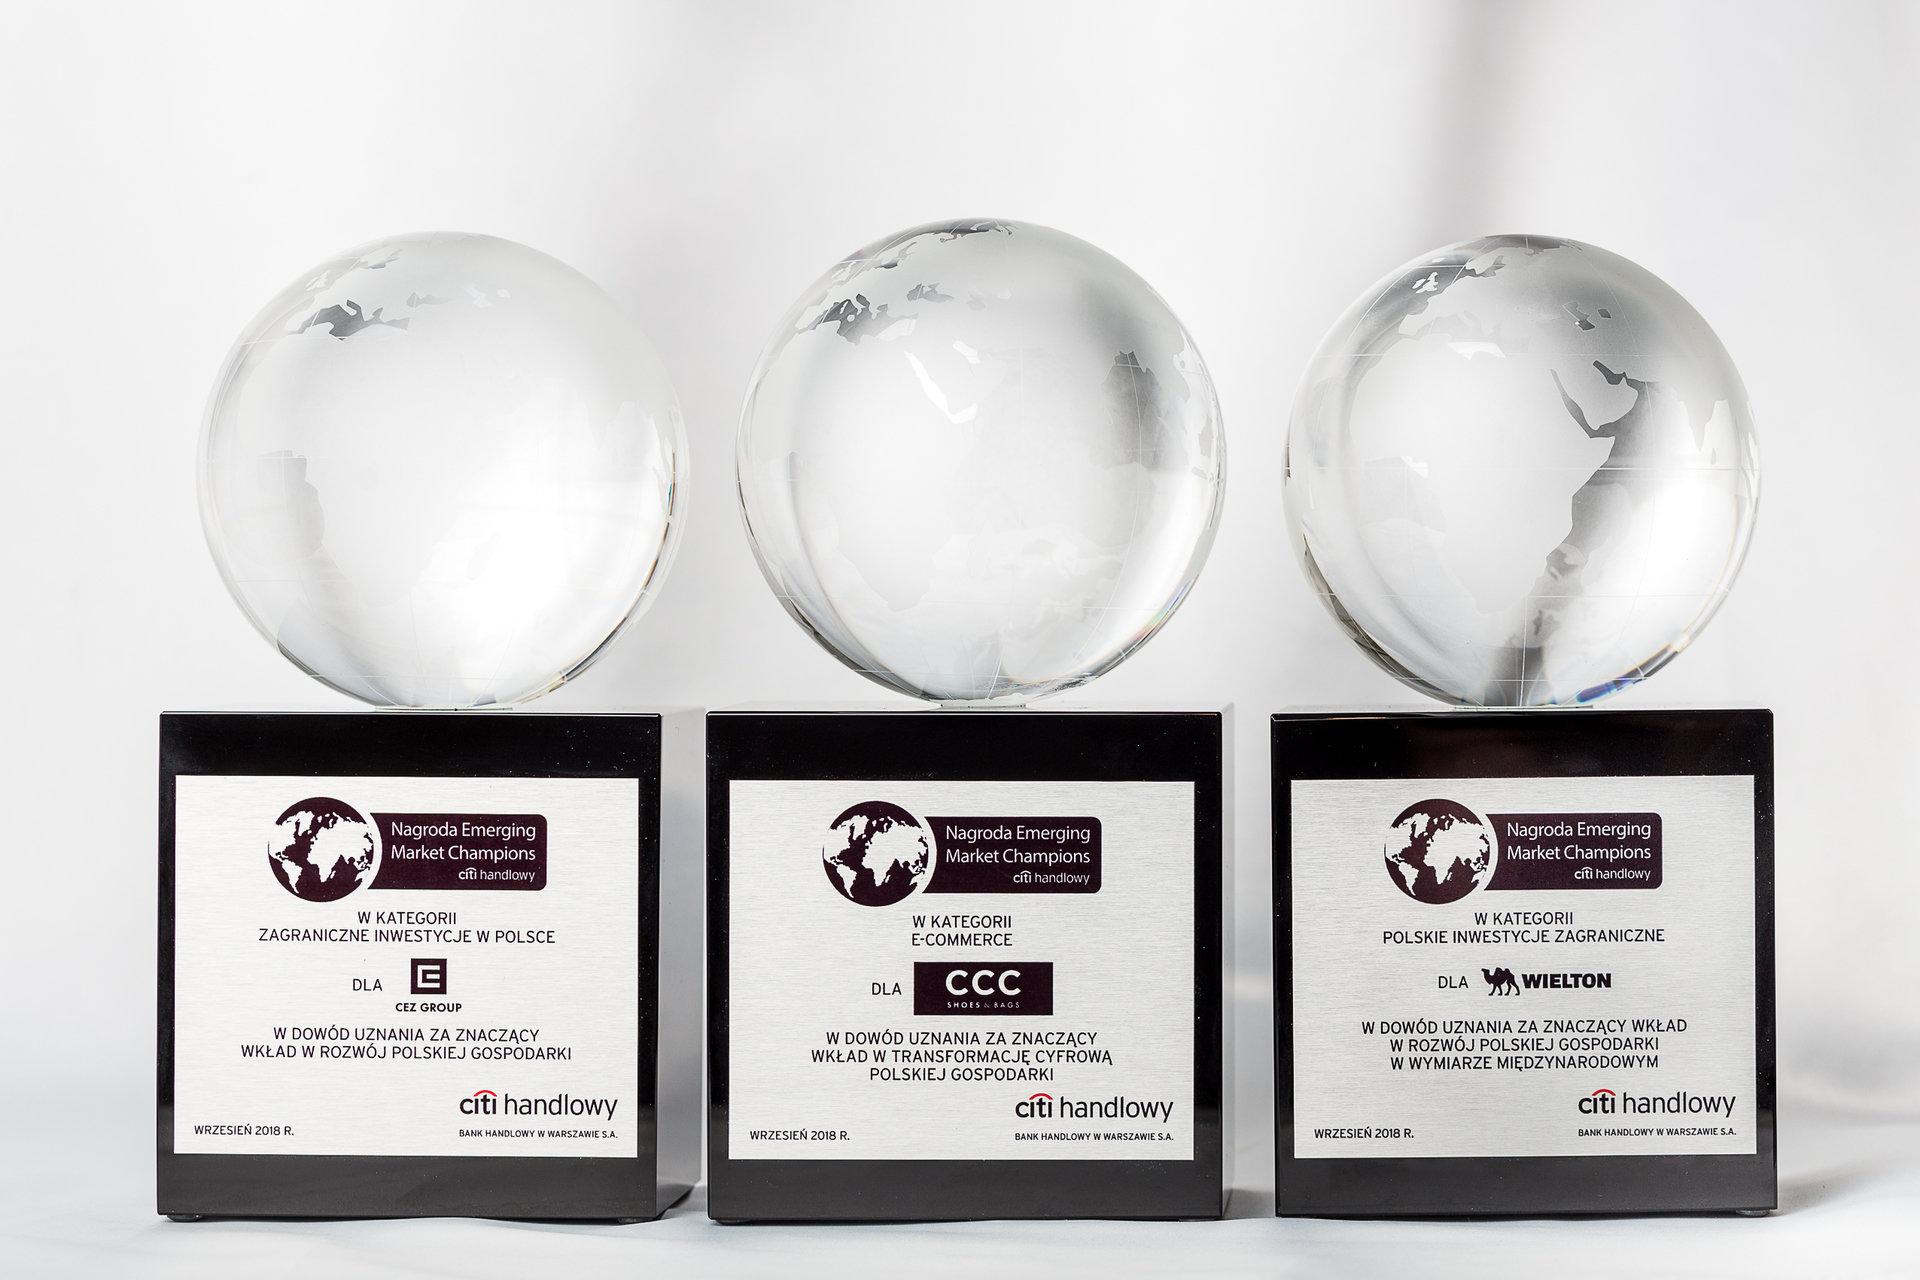 Trzy razy Nagroda Emerging Market Champions